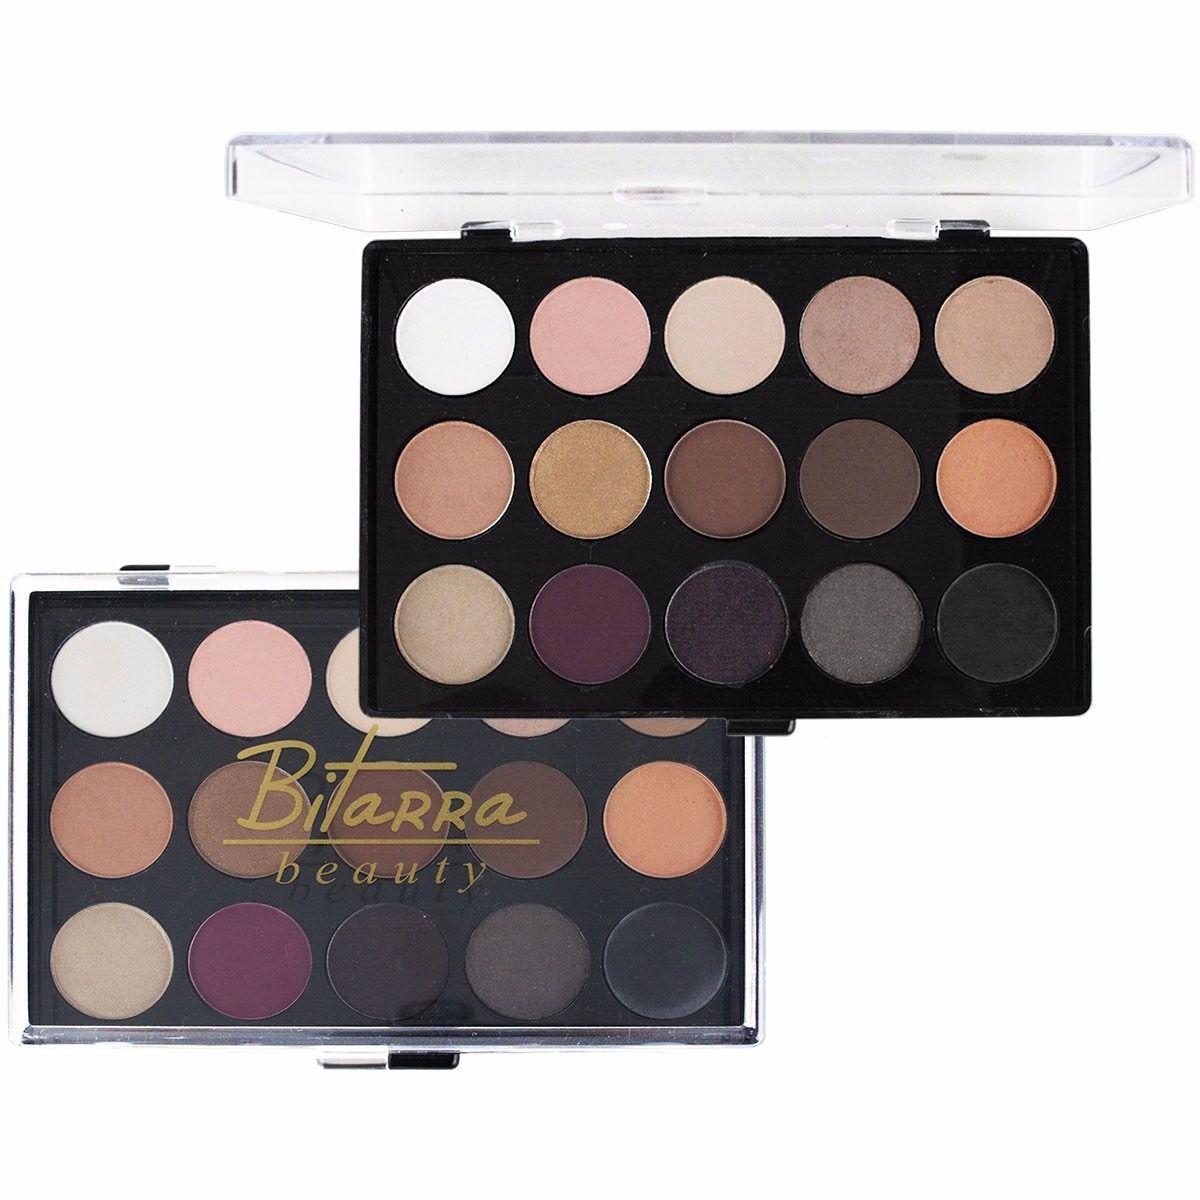 Paleta de Sombras 15 Cores C/ Roxo Bitarra Beauty